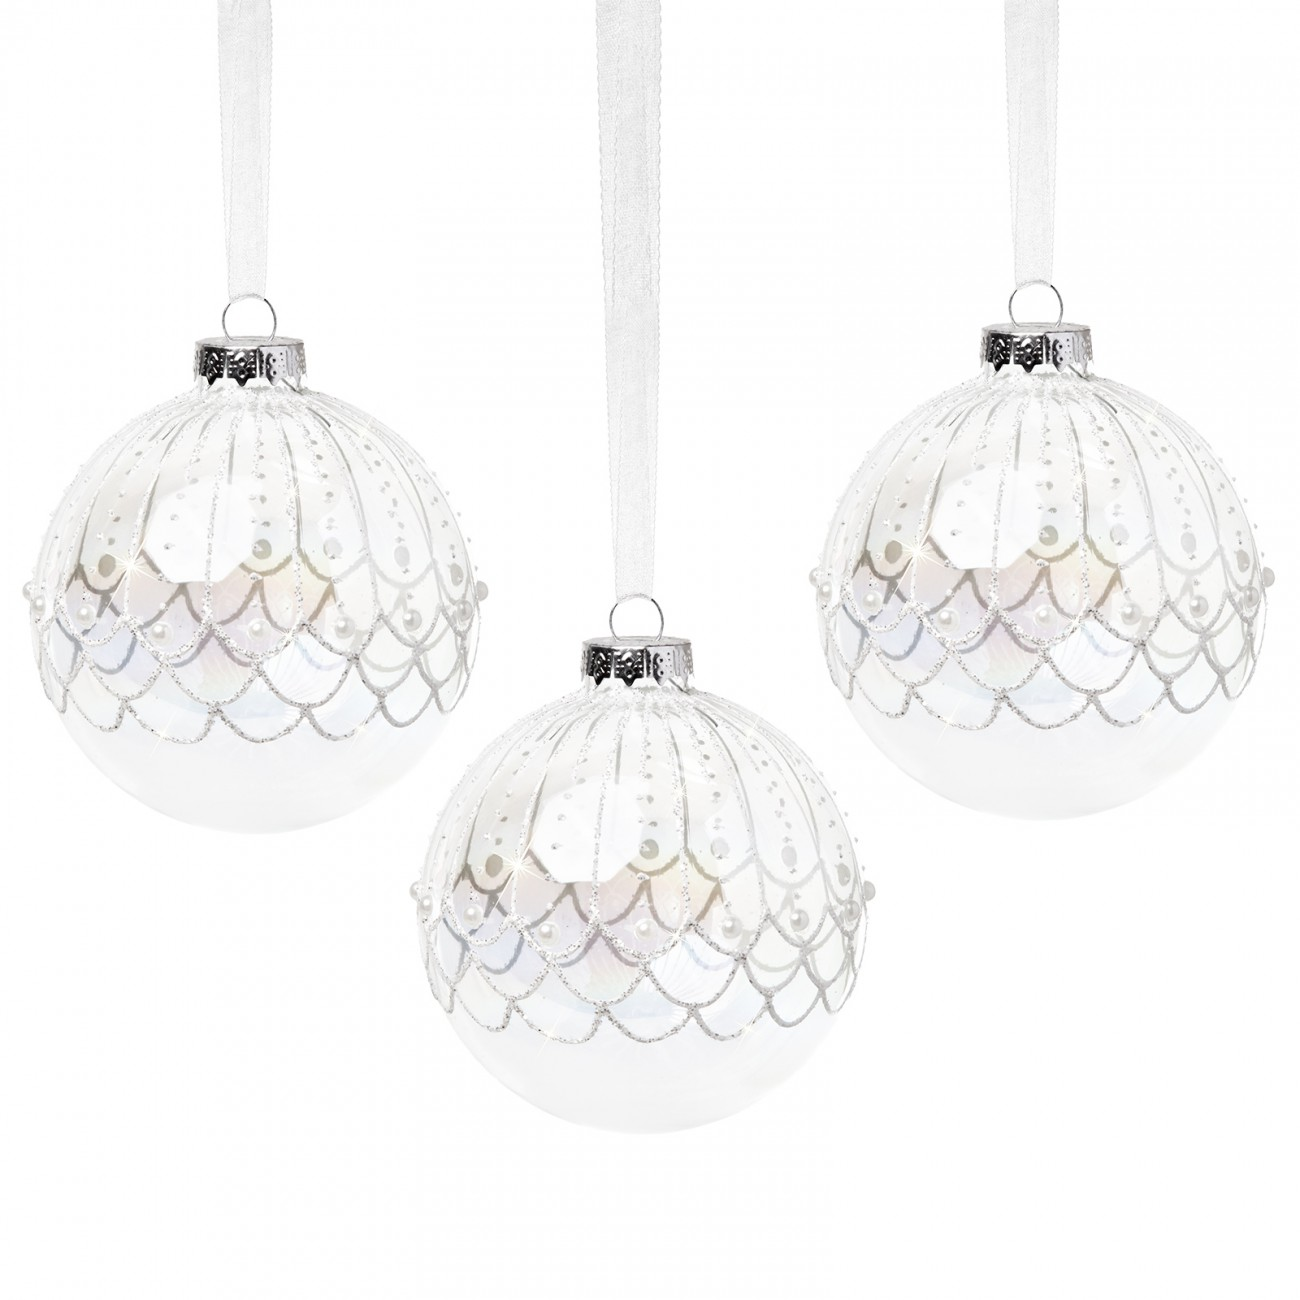 Sikora bs383 glas christbaumschmuck weihnachtskugeln 3er set ebay - Weihnachtskugeln aus glas ...